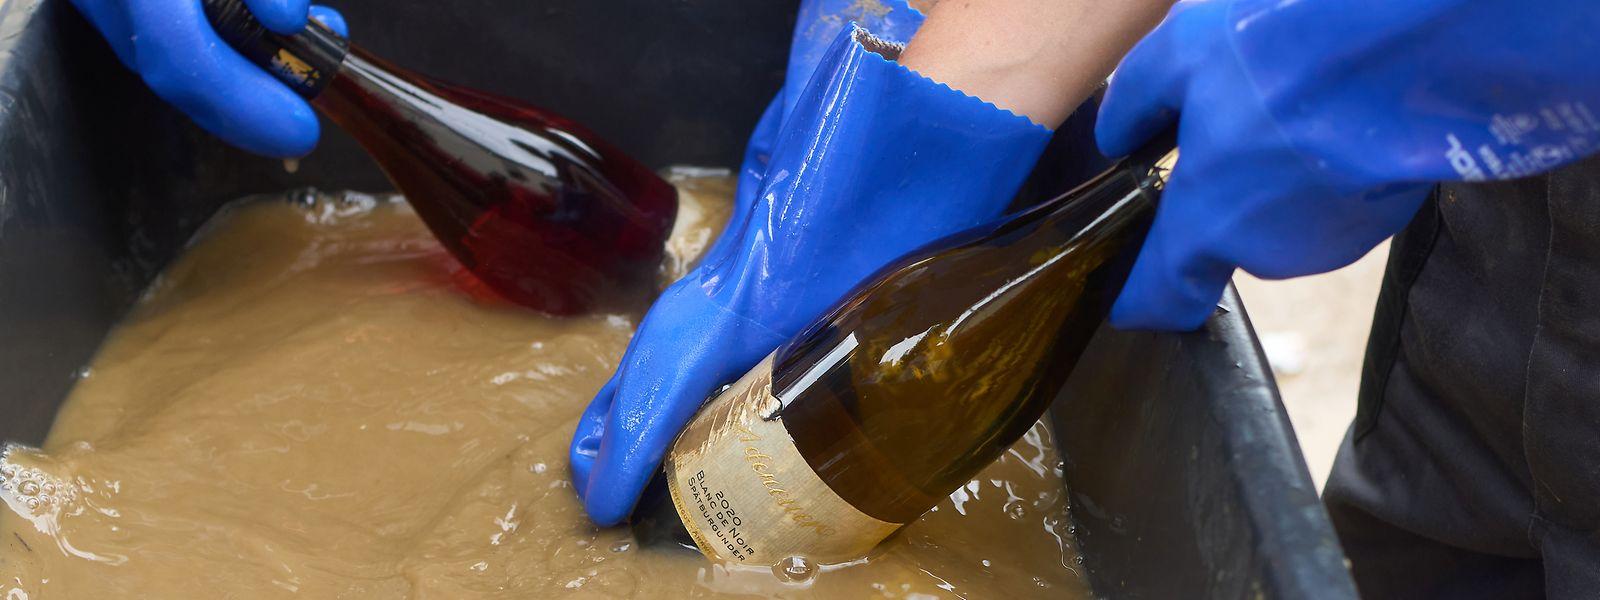 Dans certaines exploitations viticoles, l'eau a emporté «jusqu'à un quart de la surface cultivée», raconte Marc Weyer, président de la Fédération des associations viticoles luxembourgeoises.